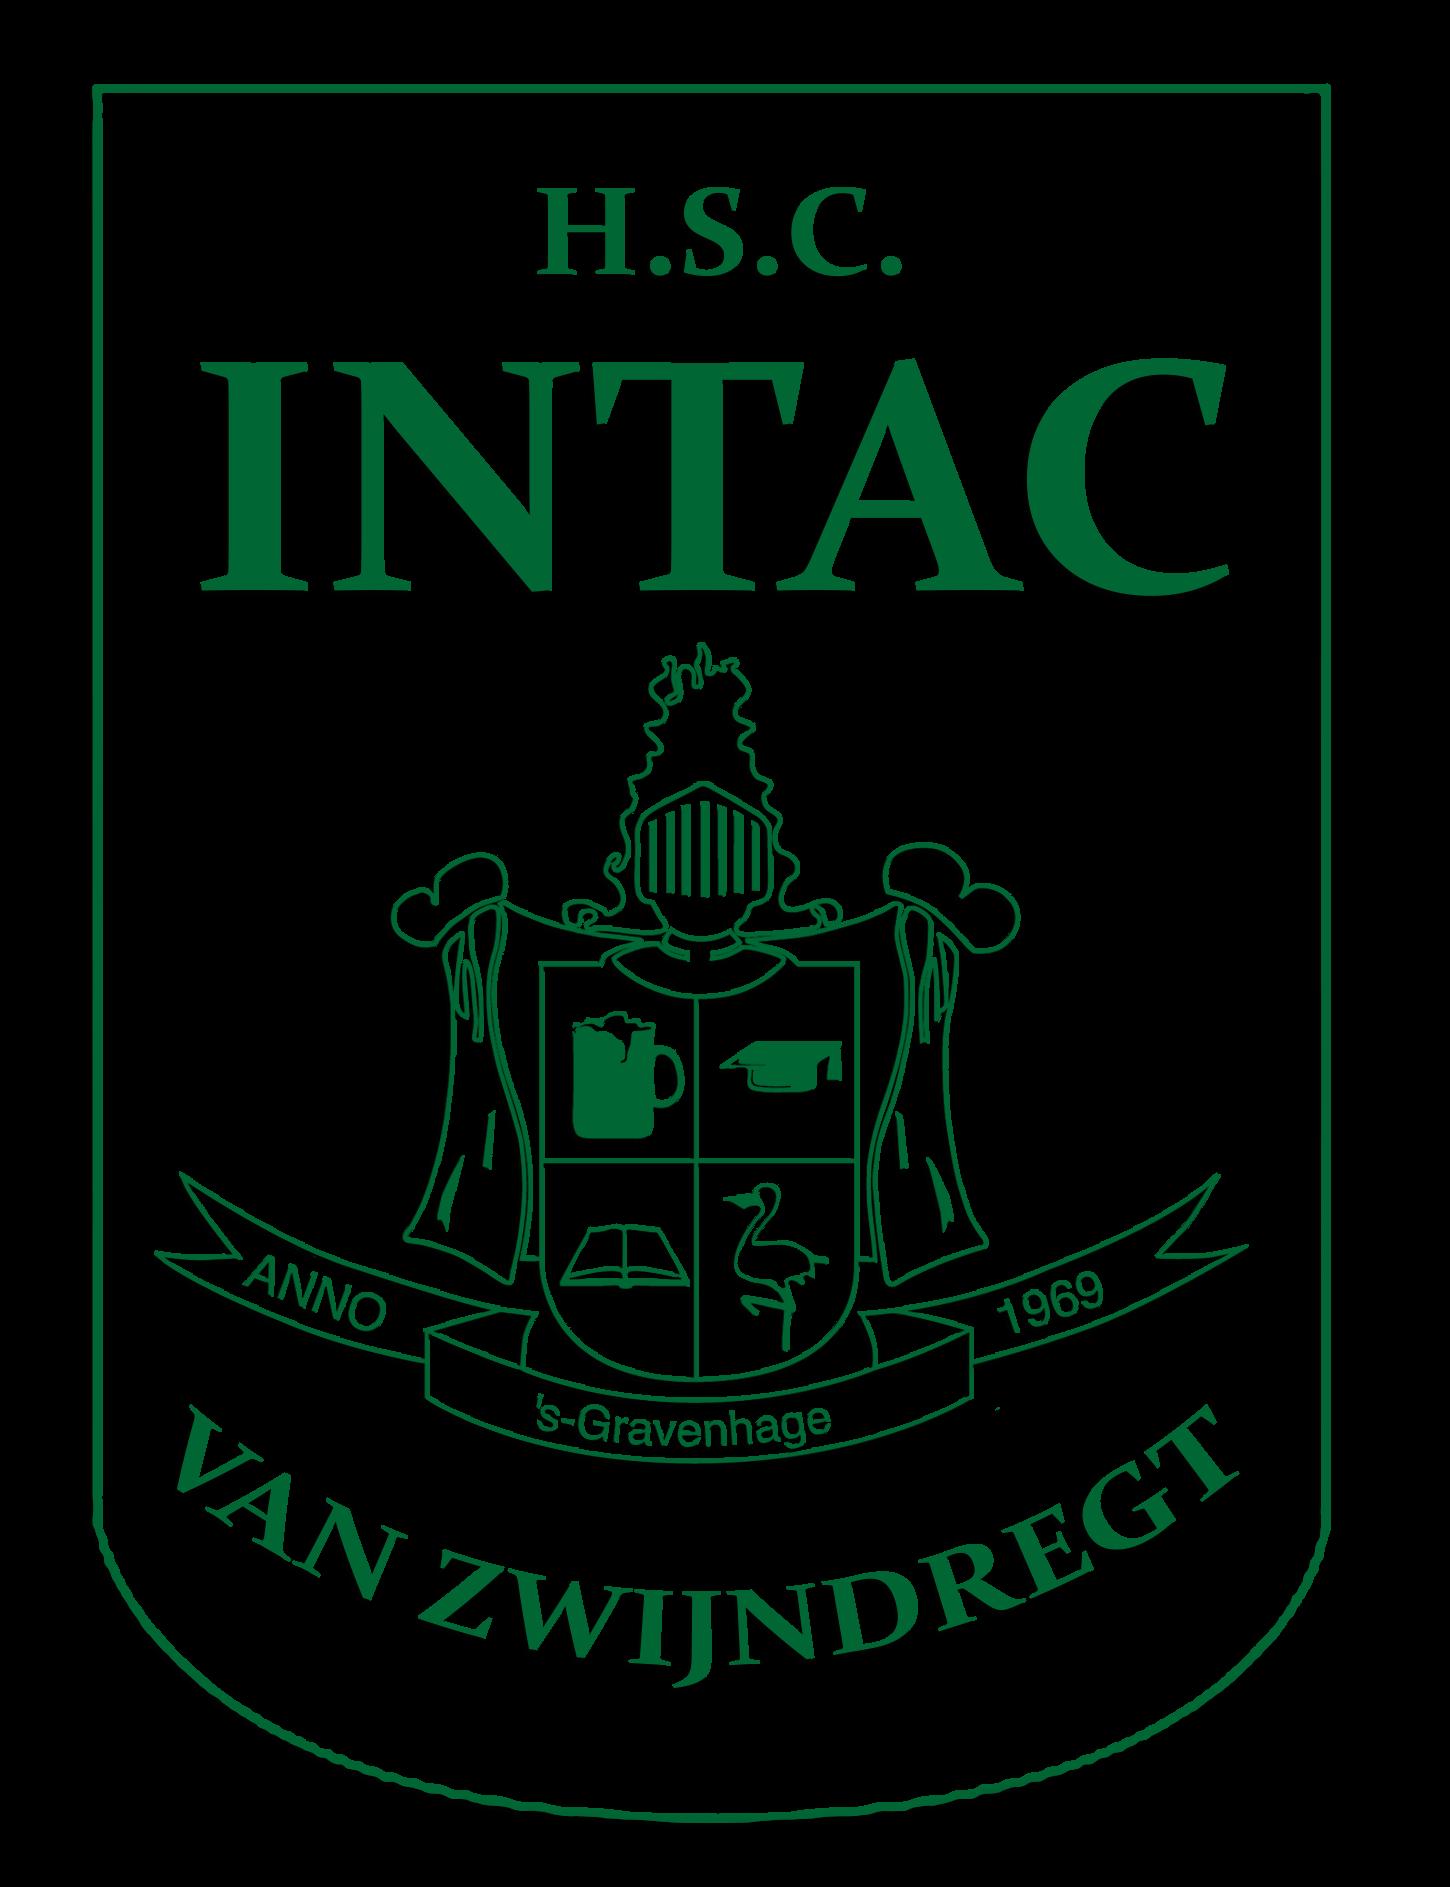 H.S.C. INTAC van Zwijndregt